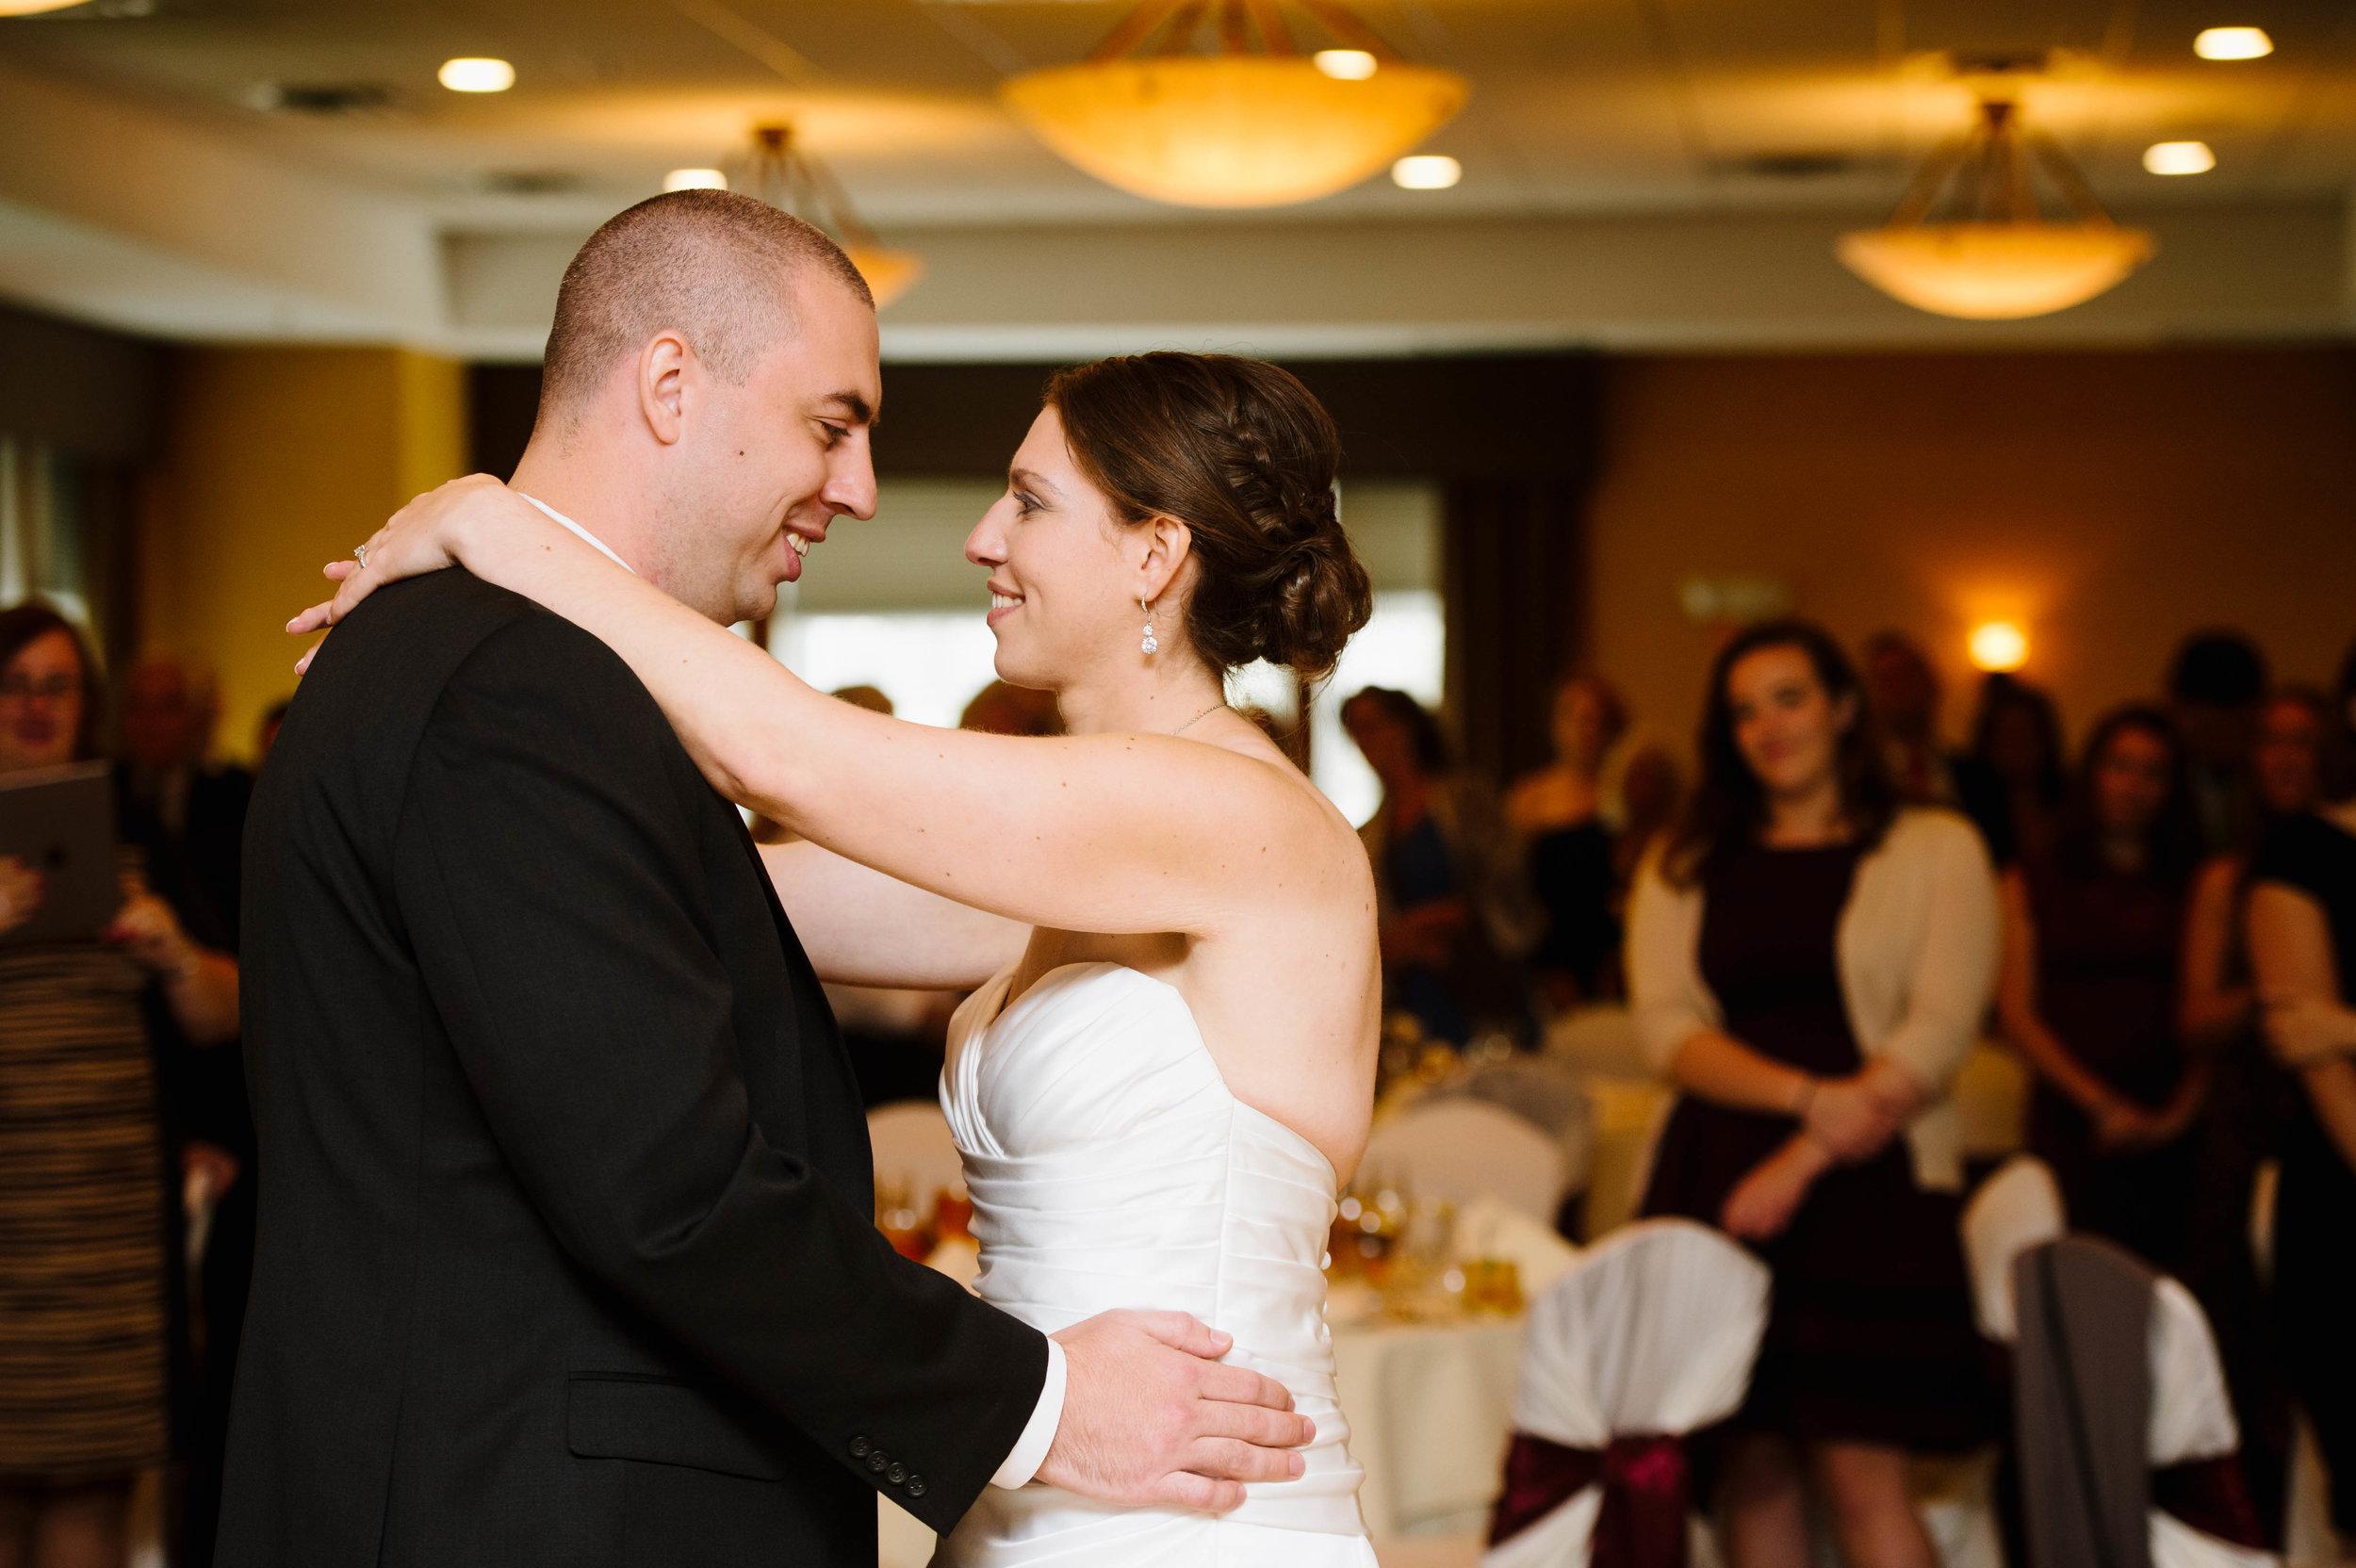 Candid-Wedding-Photography-Massachusetts013.jpg